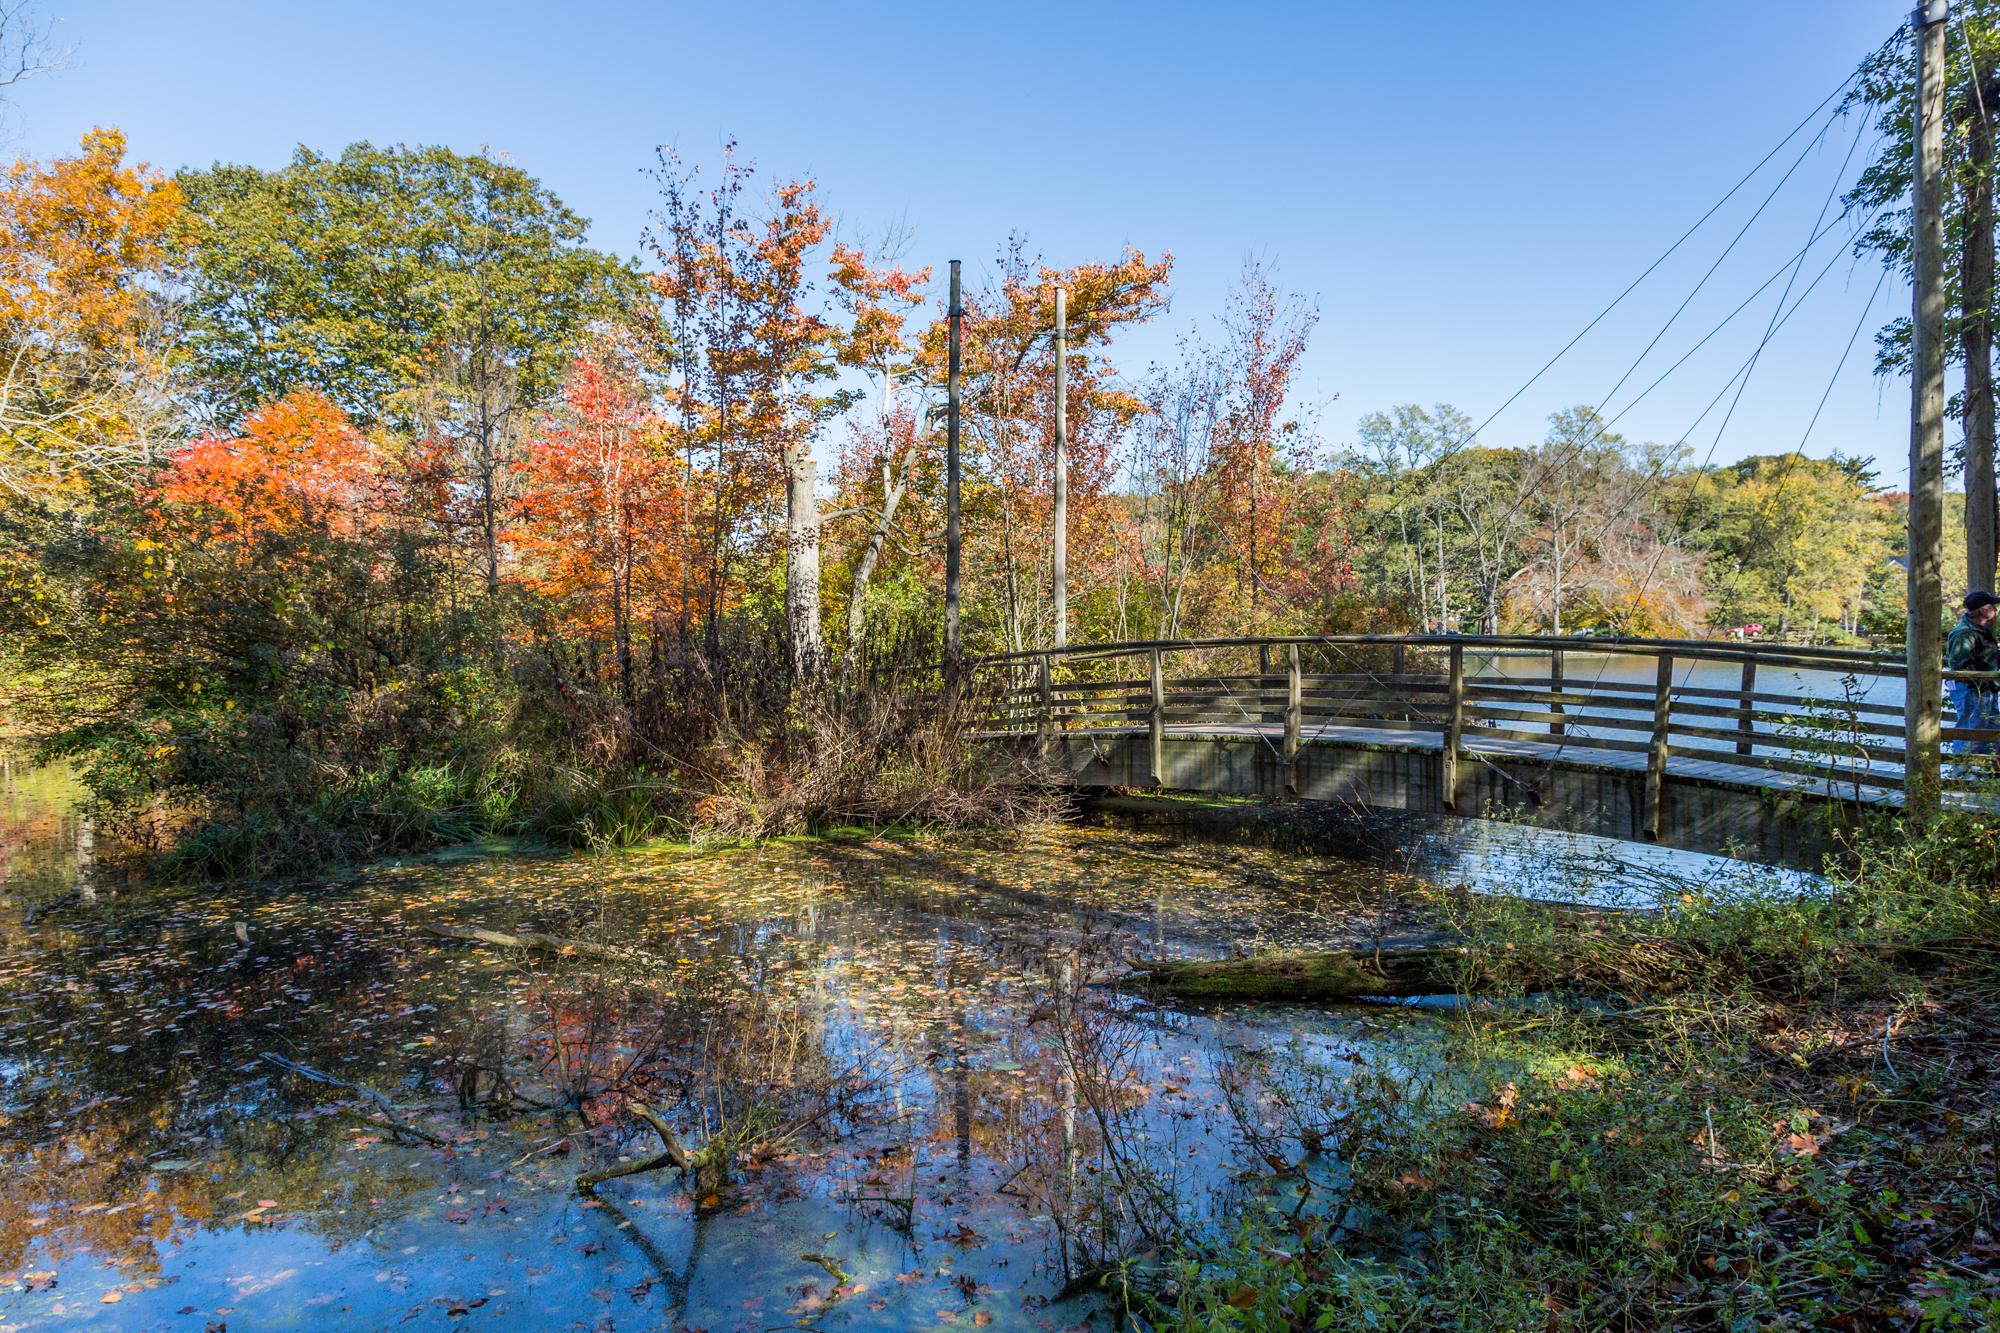 Long Island, Avalon Park, Stony Brook